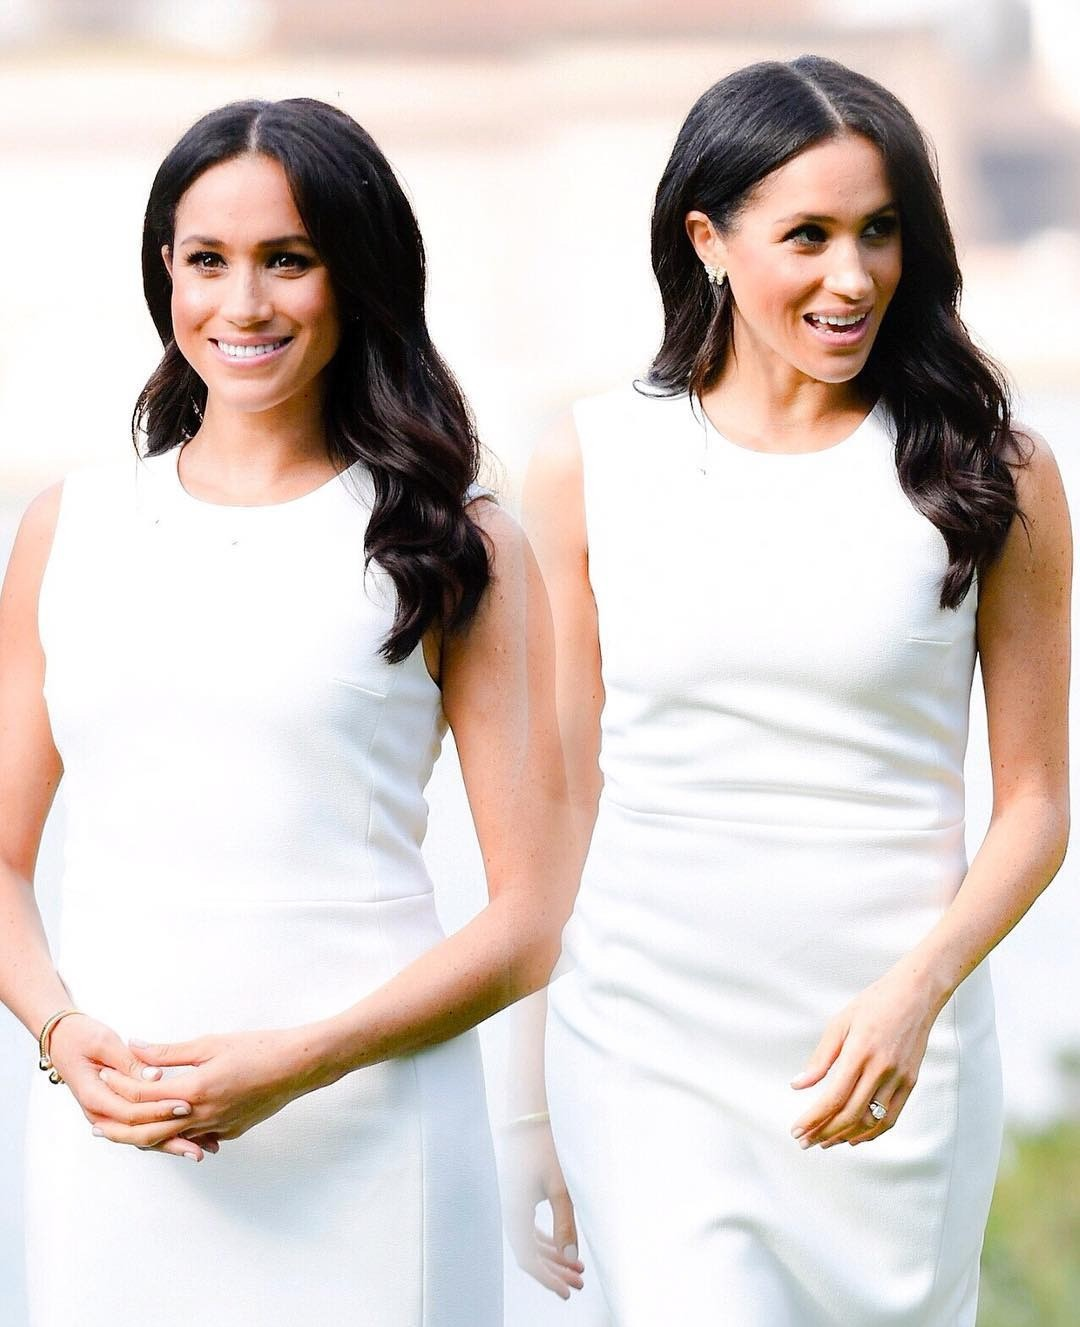 Беременные образы жены принца Гарри во многом стали резонансными. Ранее королевские особы никогда не привлекали внимание к округлившемуся животу. Меган оказаласьпервой, кто позволилсебе...